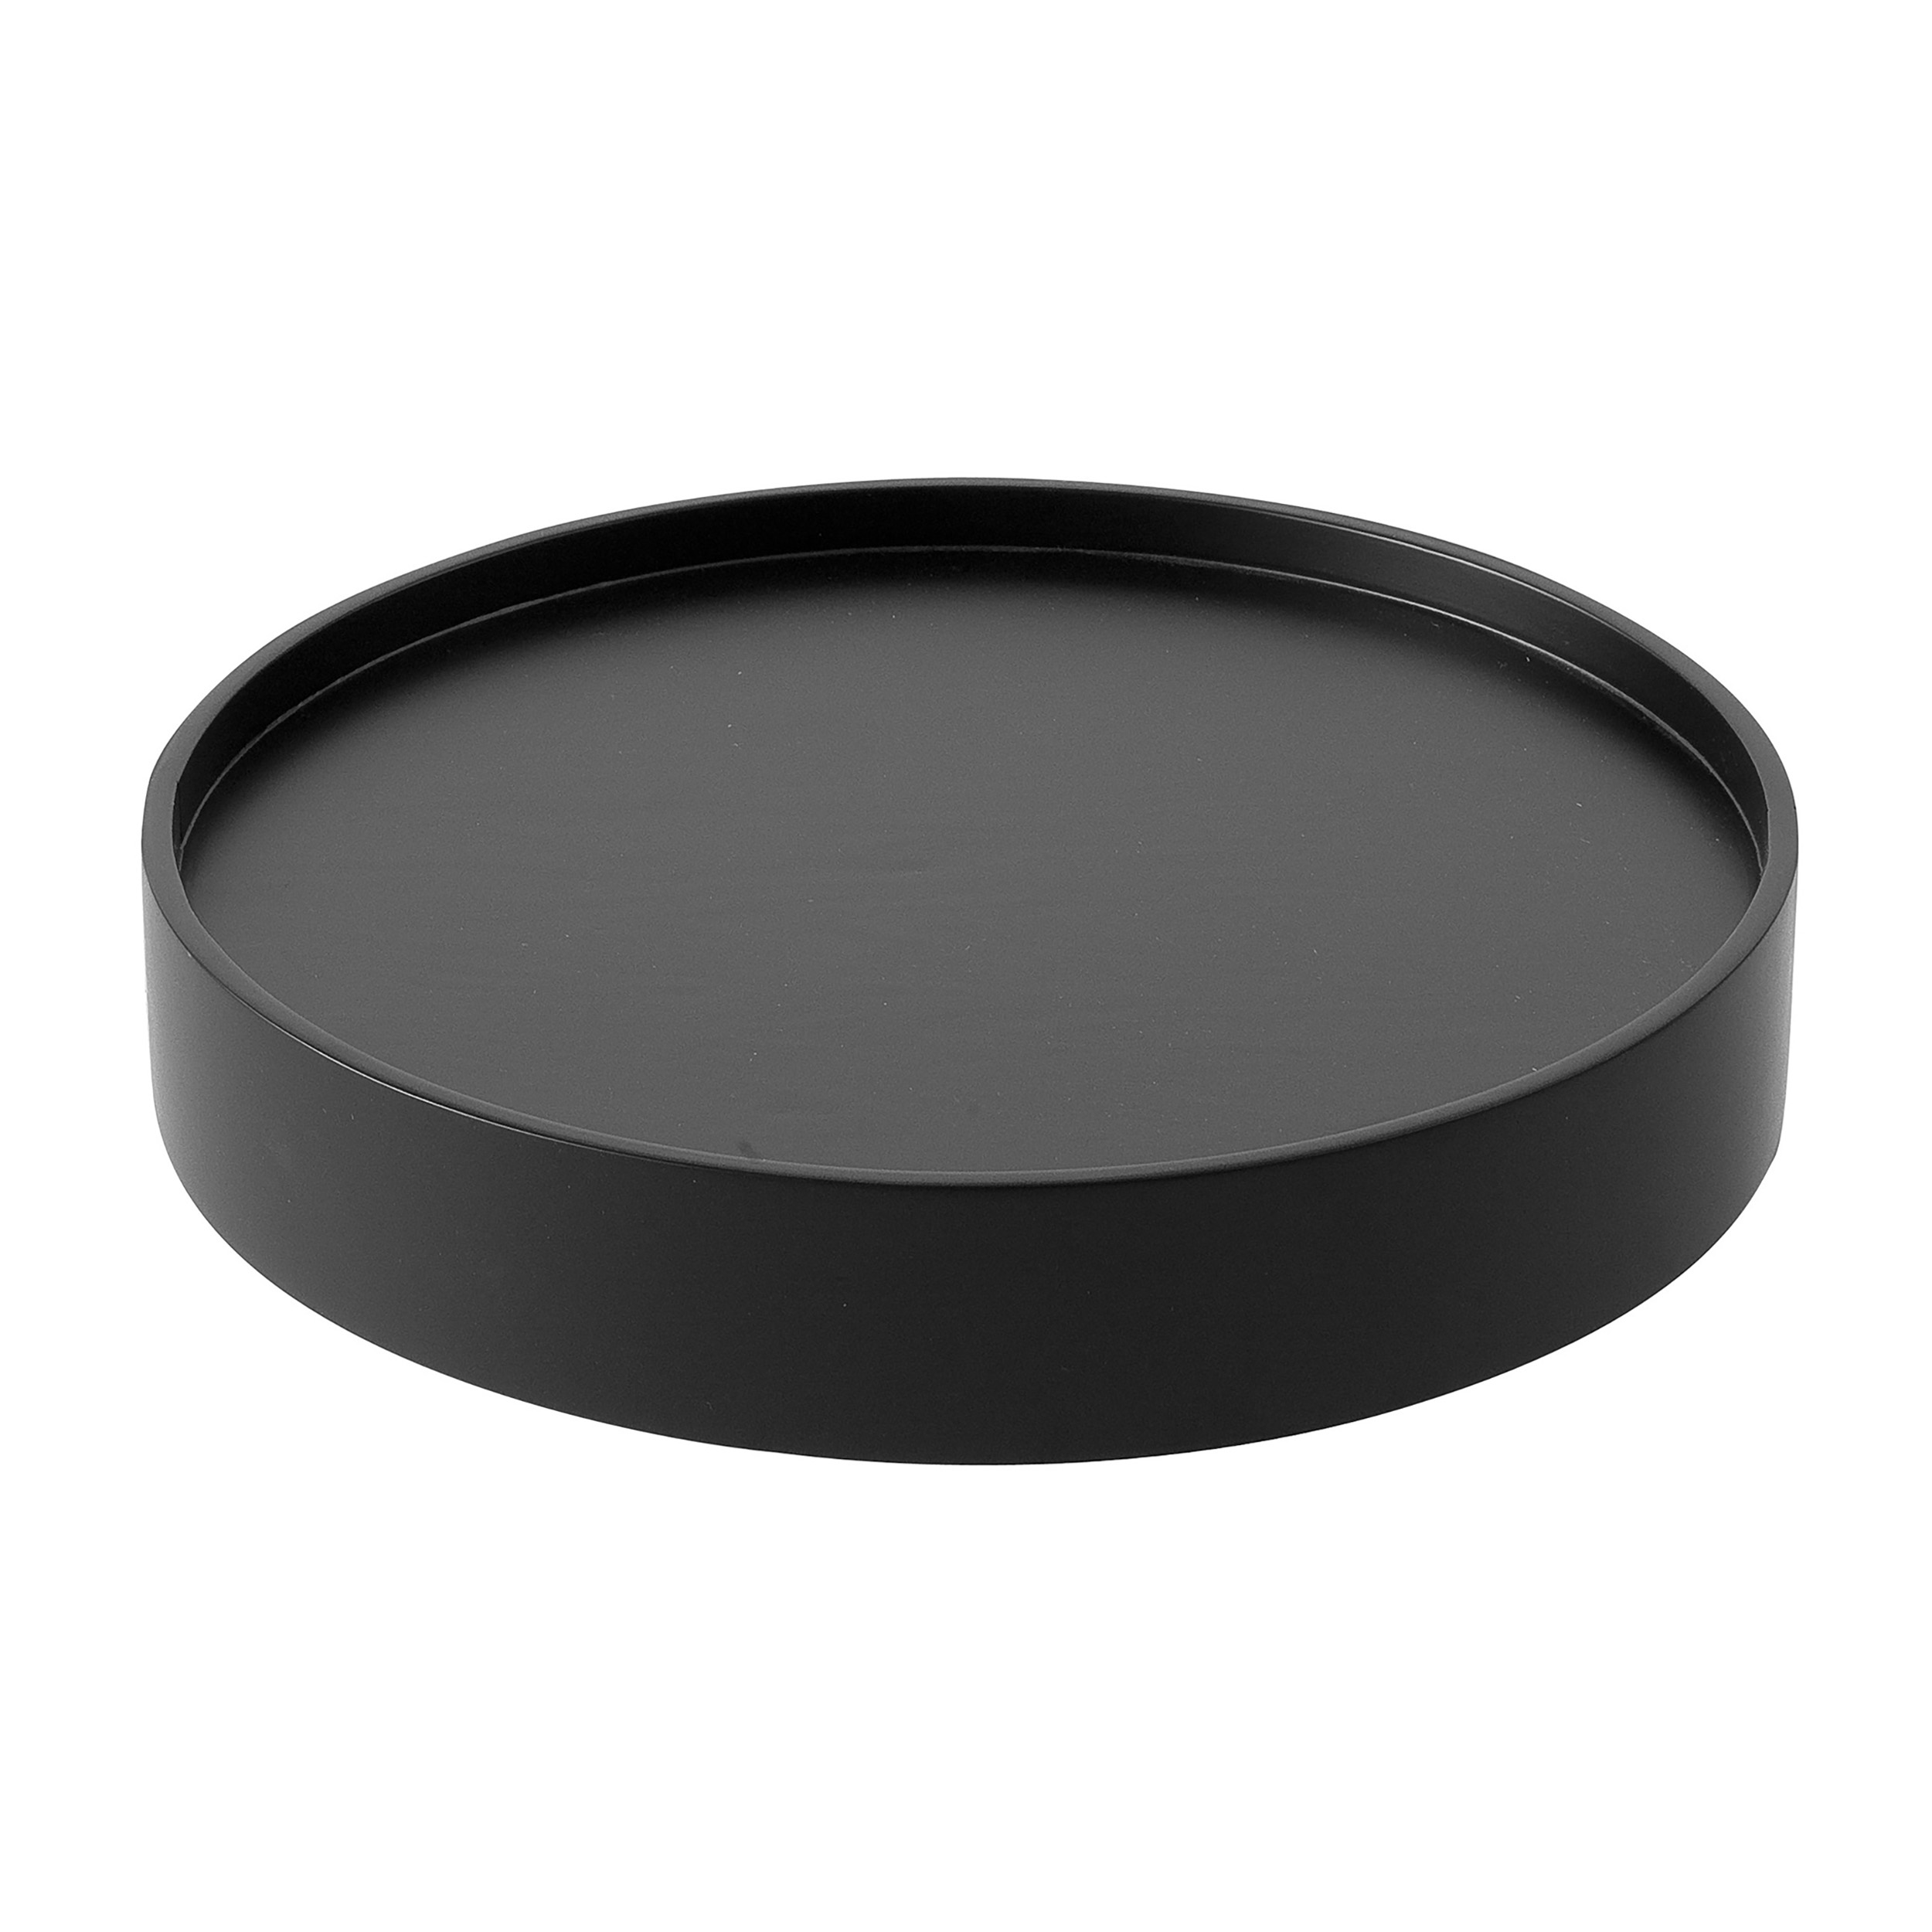 Поднос Drum Tray Large банный комплект softline 05033